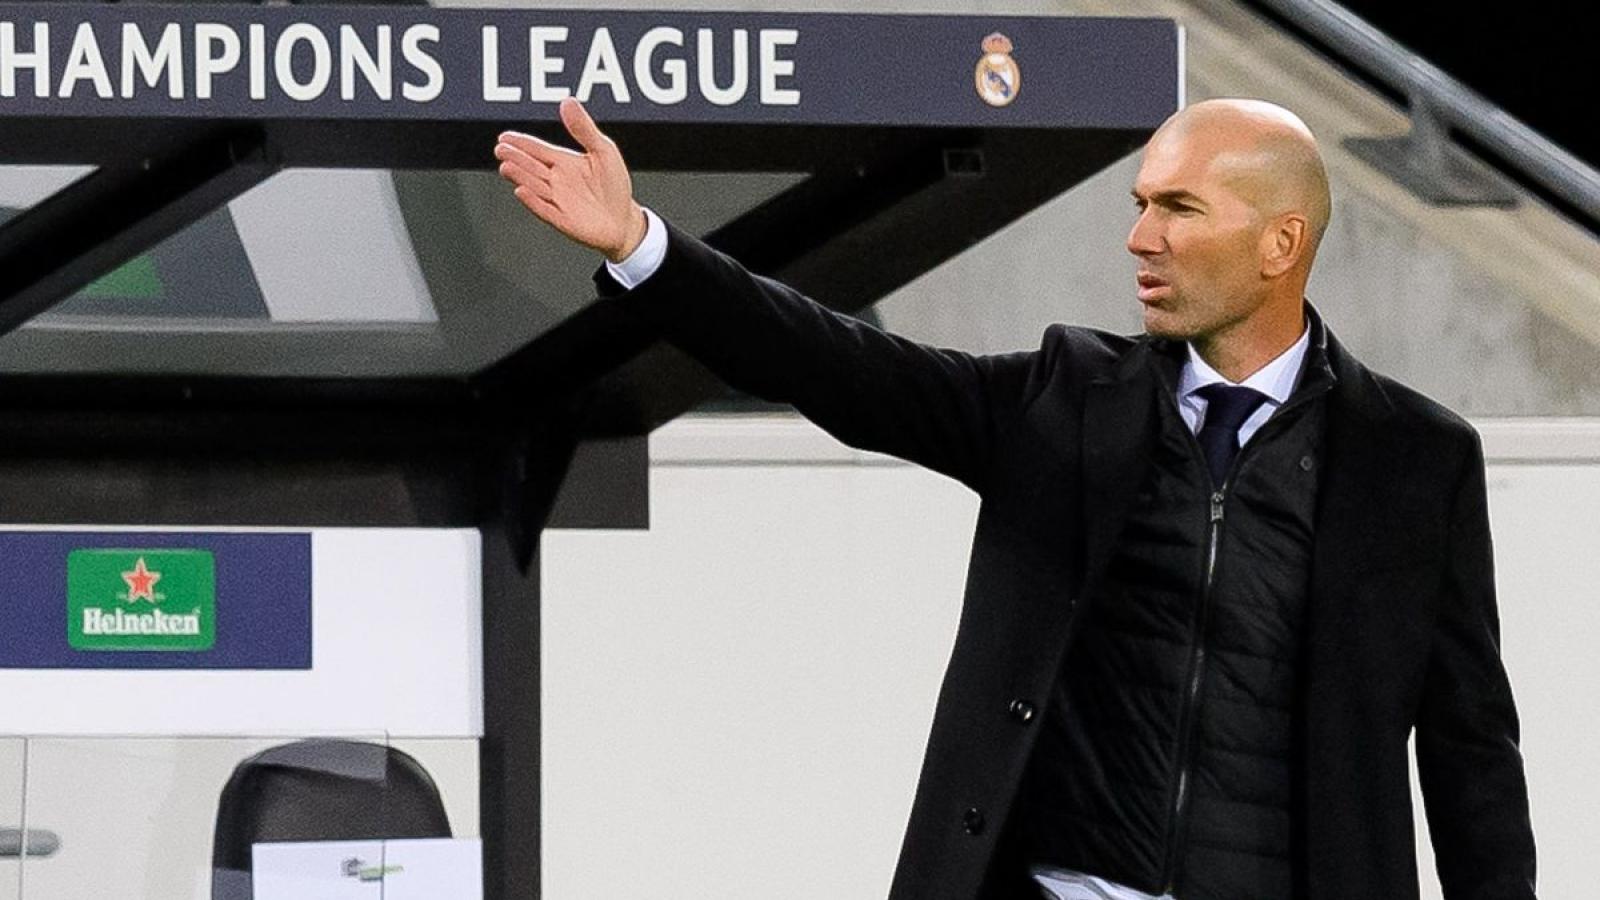 Zidane phát ngôn mạnh miệng dù Real Madrid đứng cuối bảng B Champions League